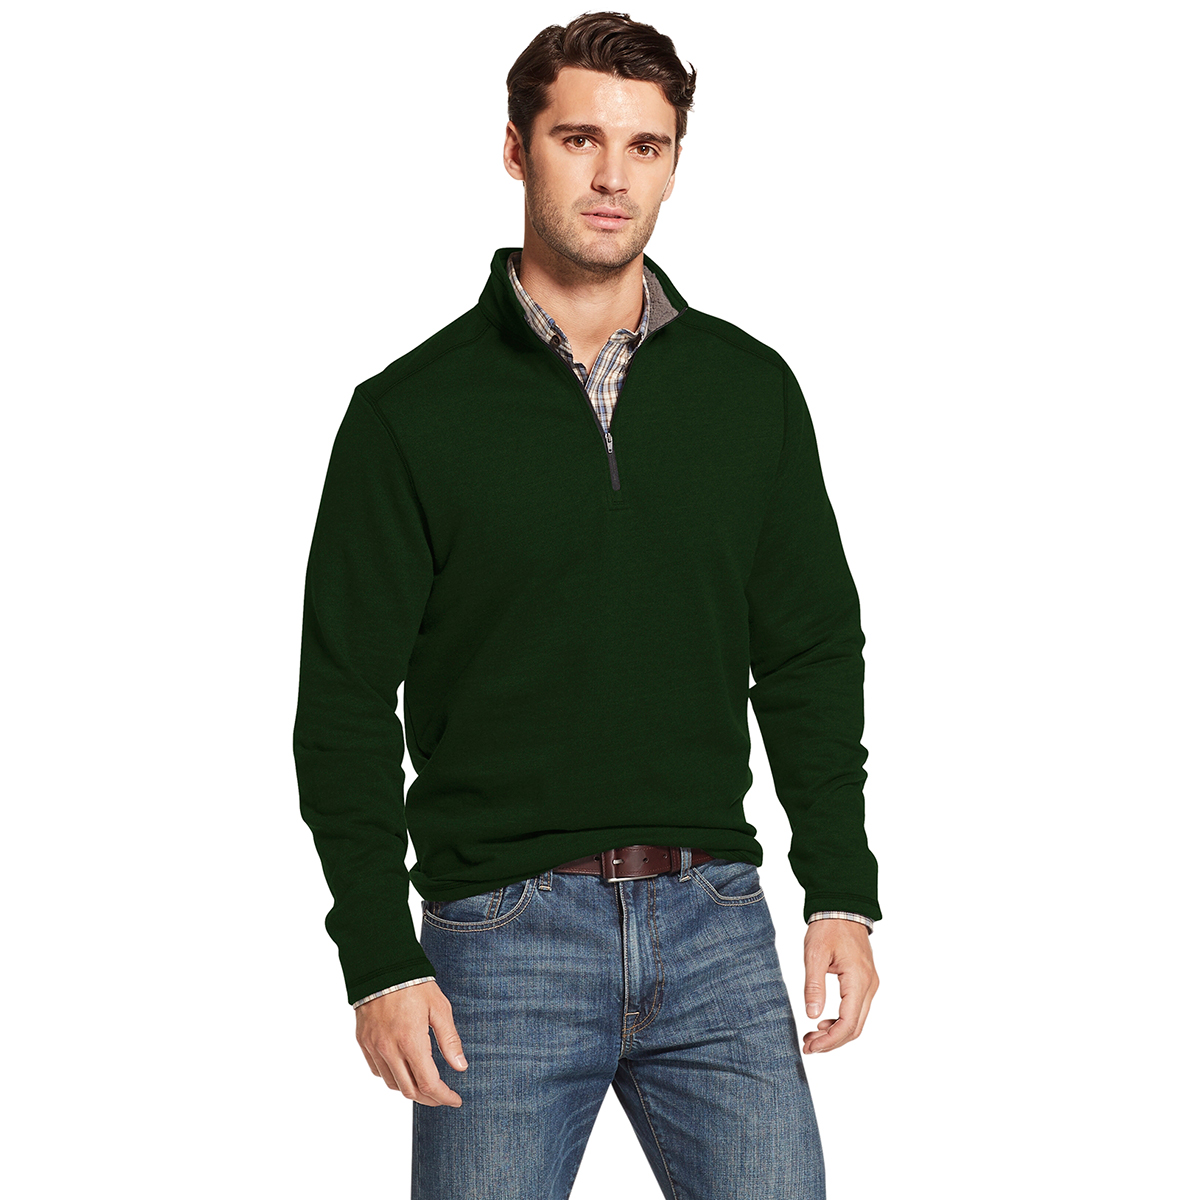 Arrow Men's Long-Sleeve Sueded Fleece 1/4 Zip - Green, M